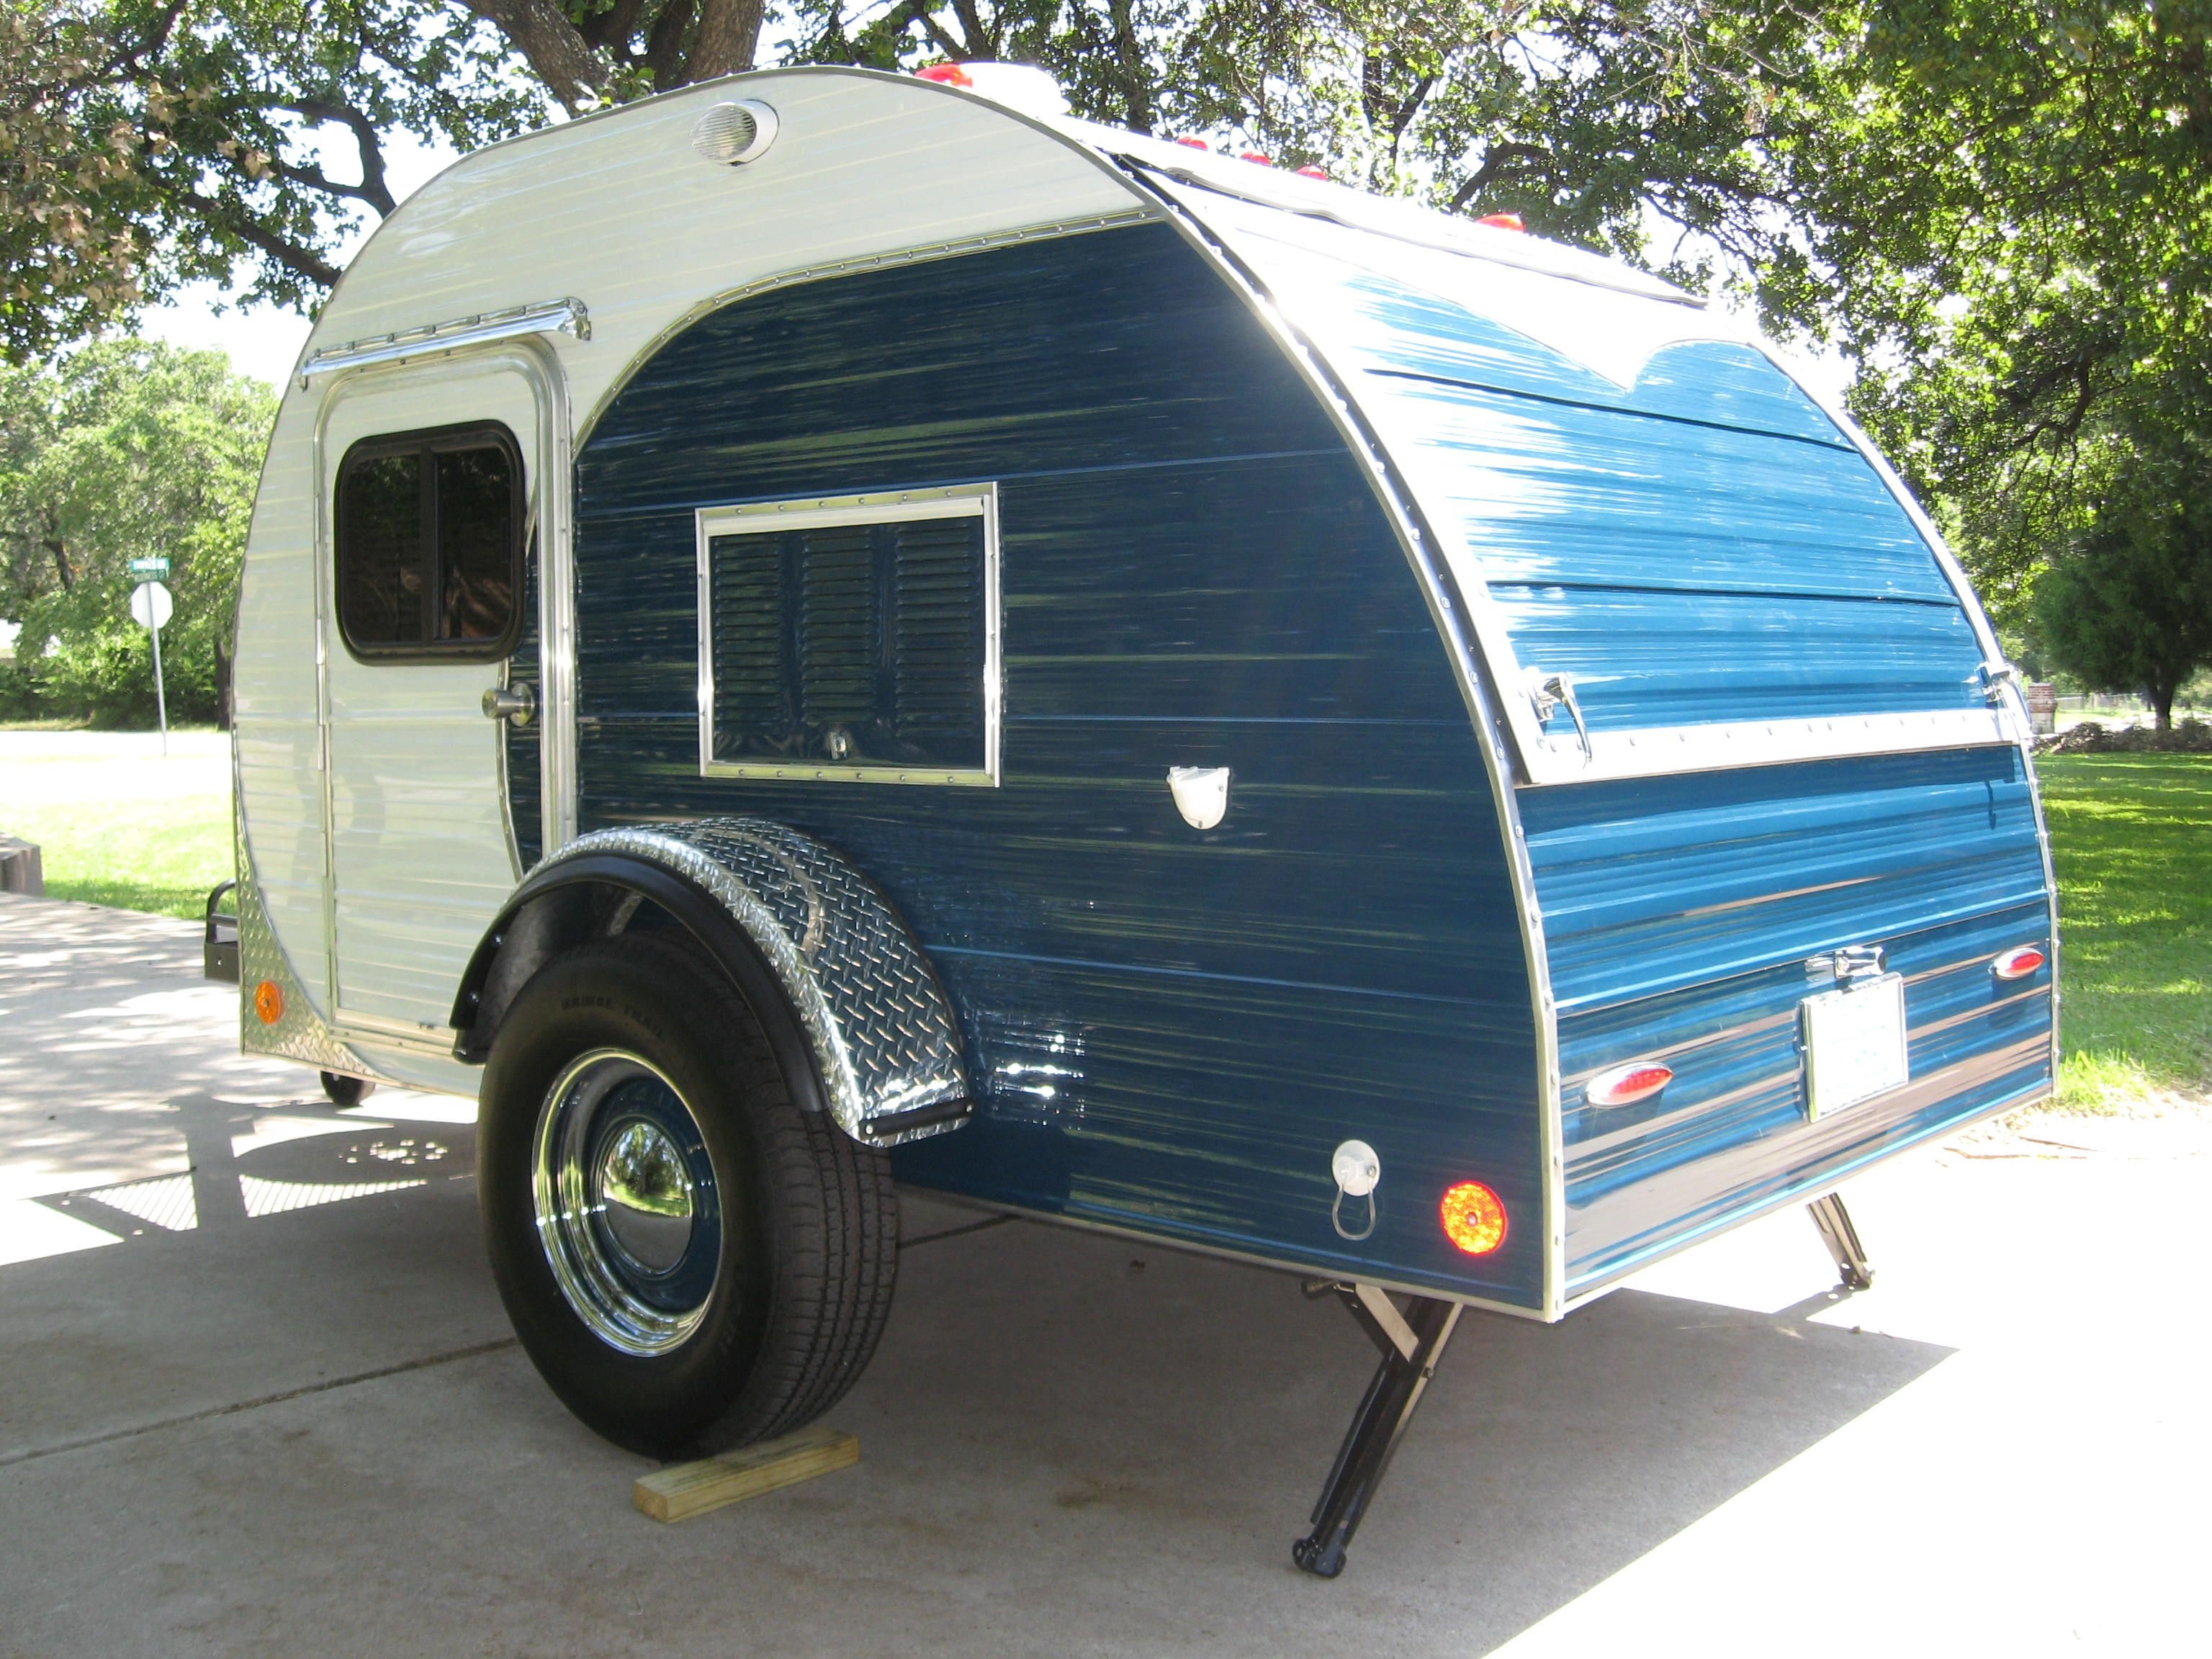 teardrop camper Google Search Teardrop Camper Pinterest